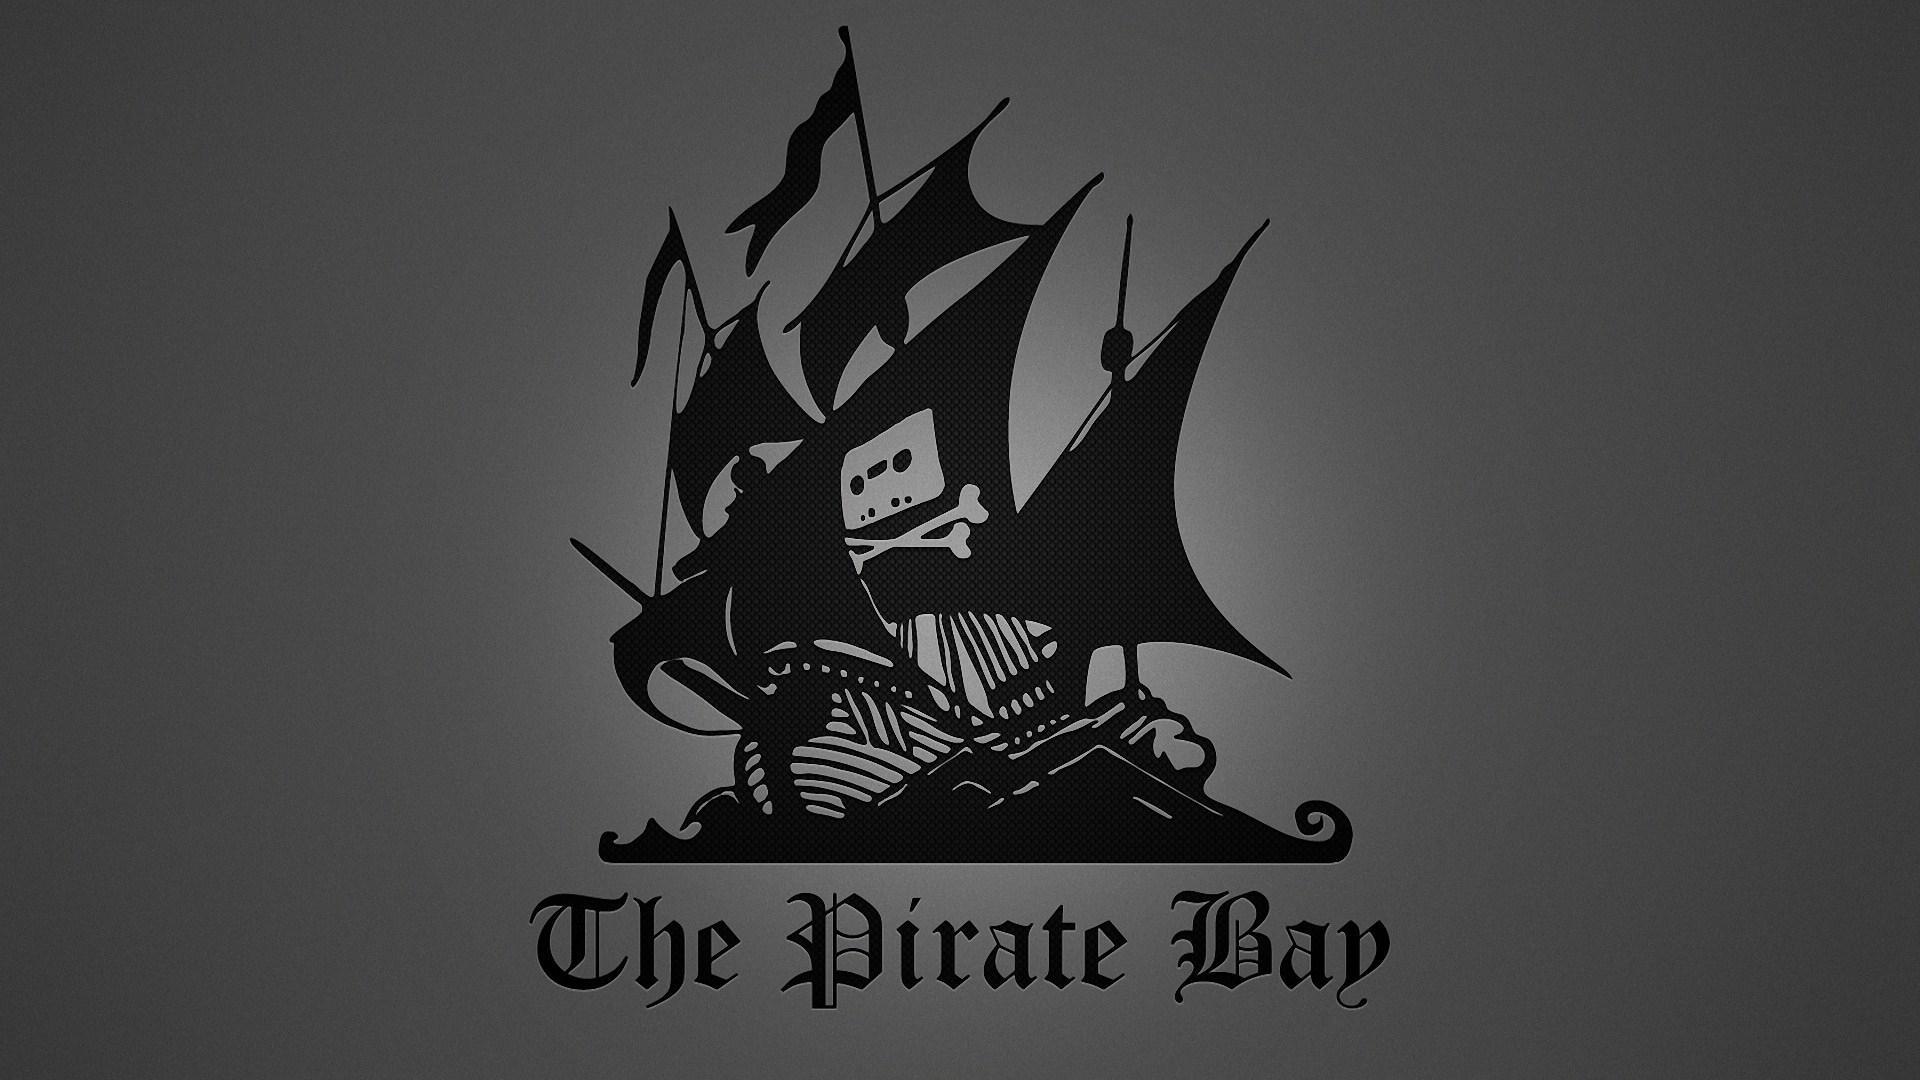 Криптомайнинг возвращается в Пиратскую Бухту